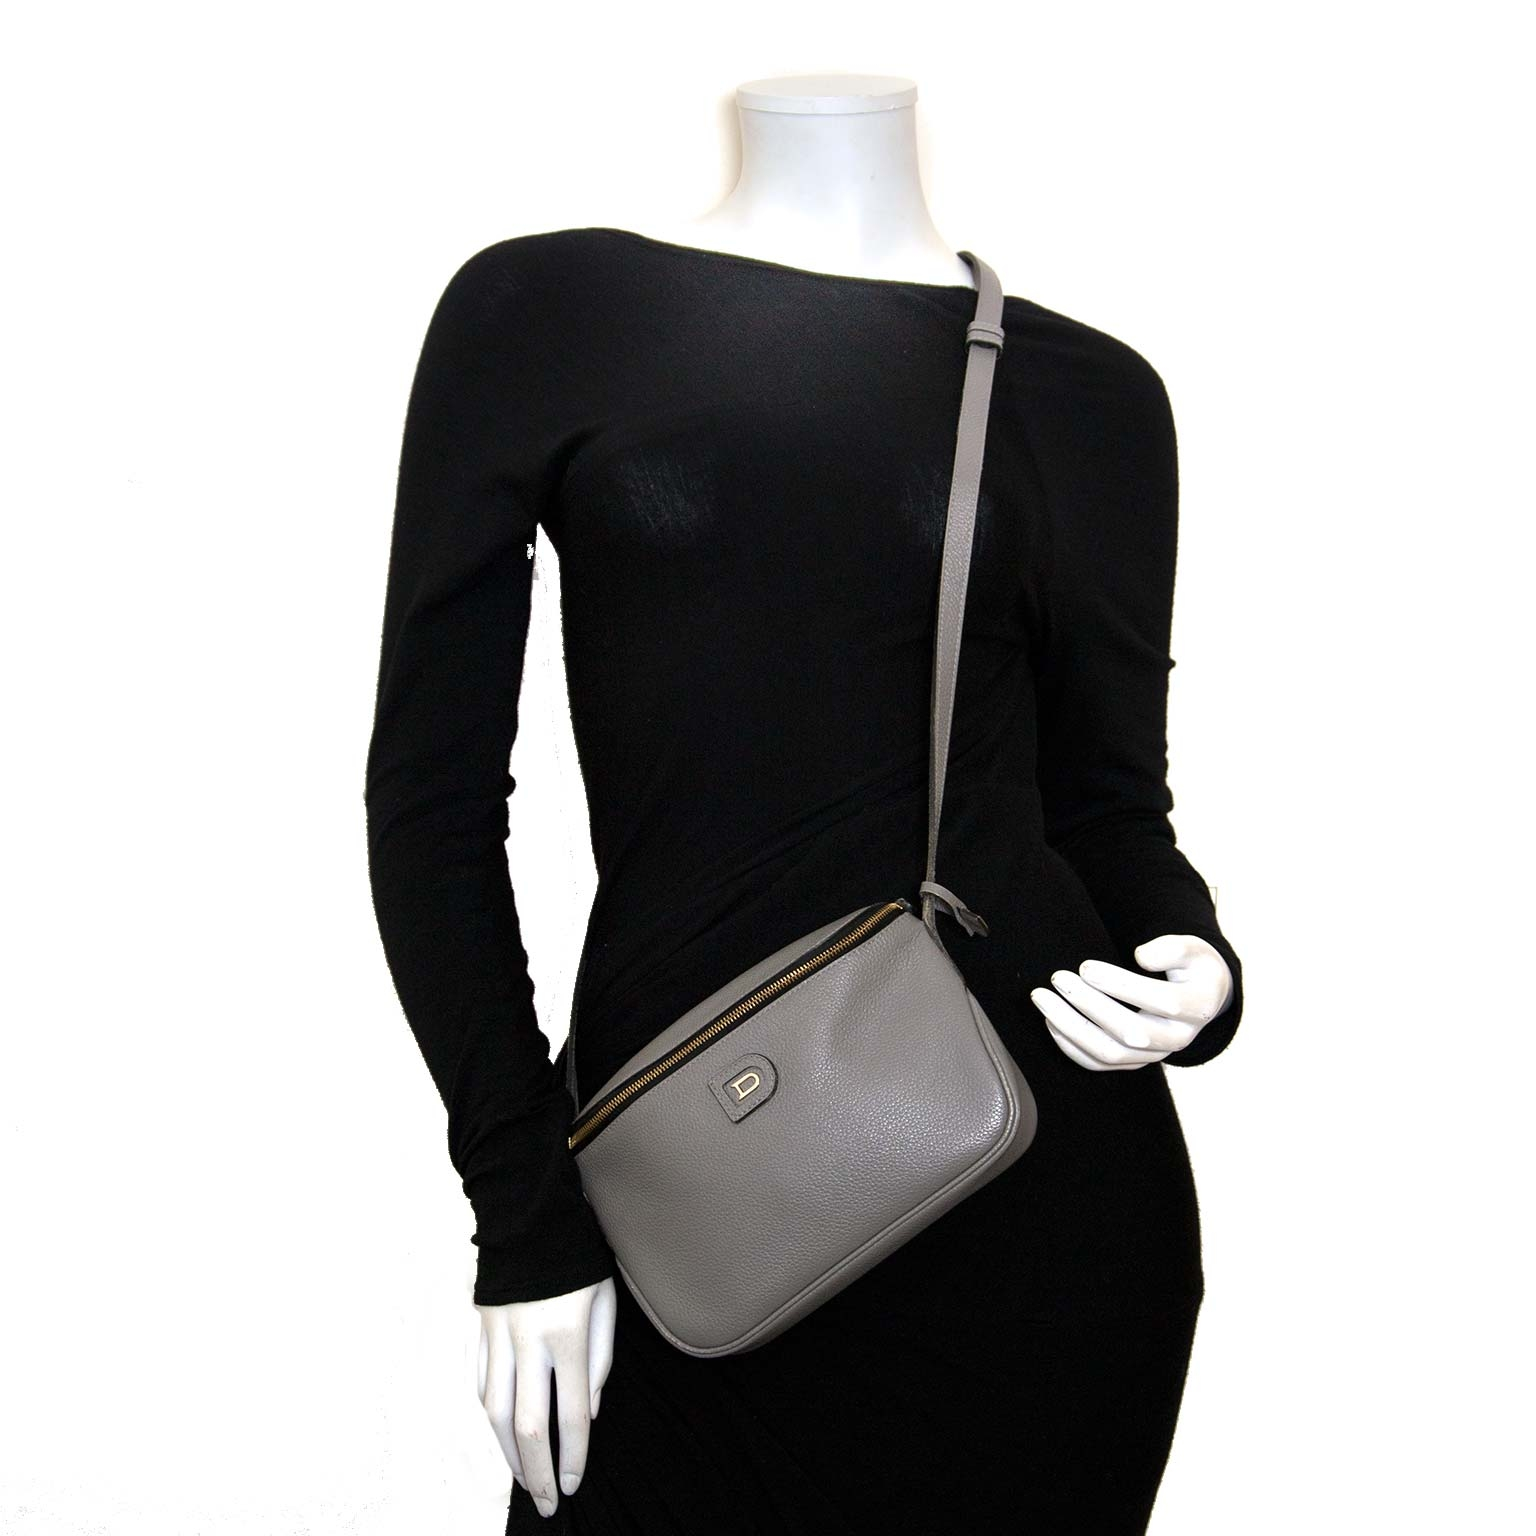 457c3b0910a6 ... Koop authentieke tweedehands Delvaux tassen online bij Labellov vintage  mode webshop